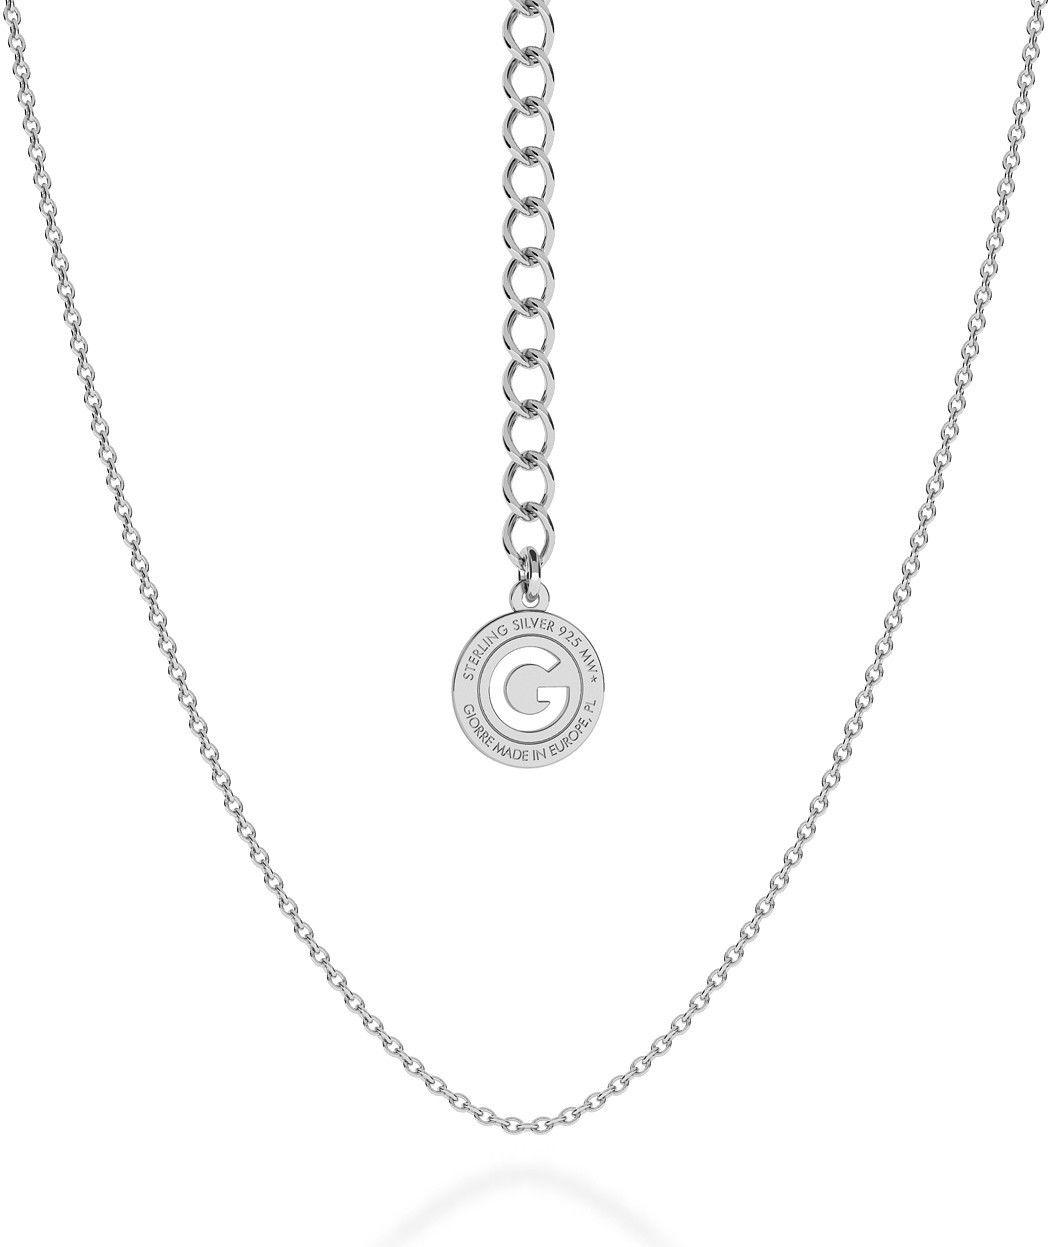 Srebrny delikatny łańcuszek ankier, srebro 925 : Długość (cm) - 45 + 5, Srebro - kolor pokrycia - Pokrycie żółtym 18K złotem